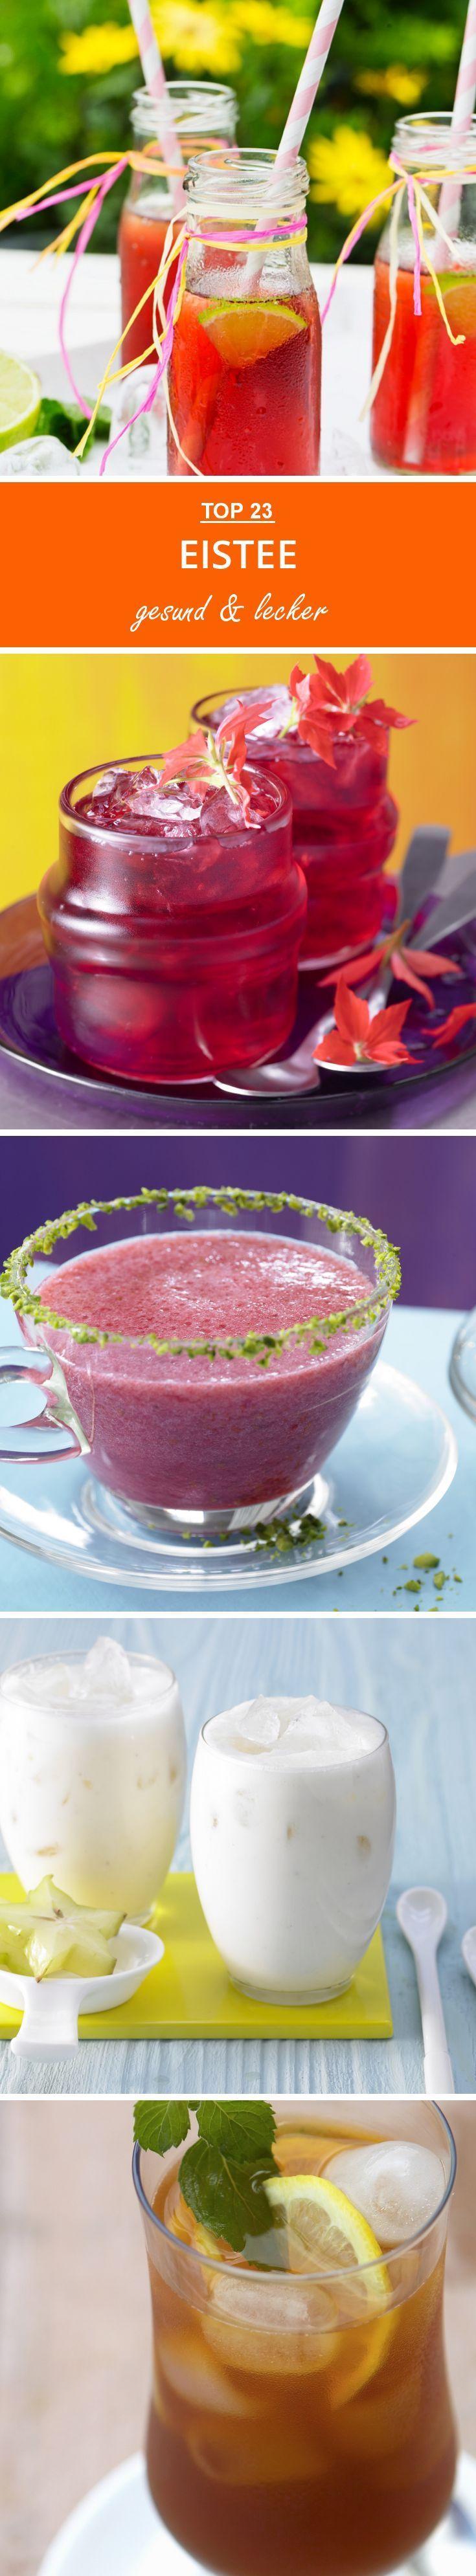 10x Eistee zum Selbermachen EAT SMARTER Kochbücher Food